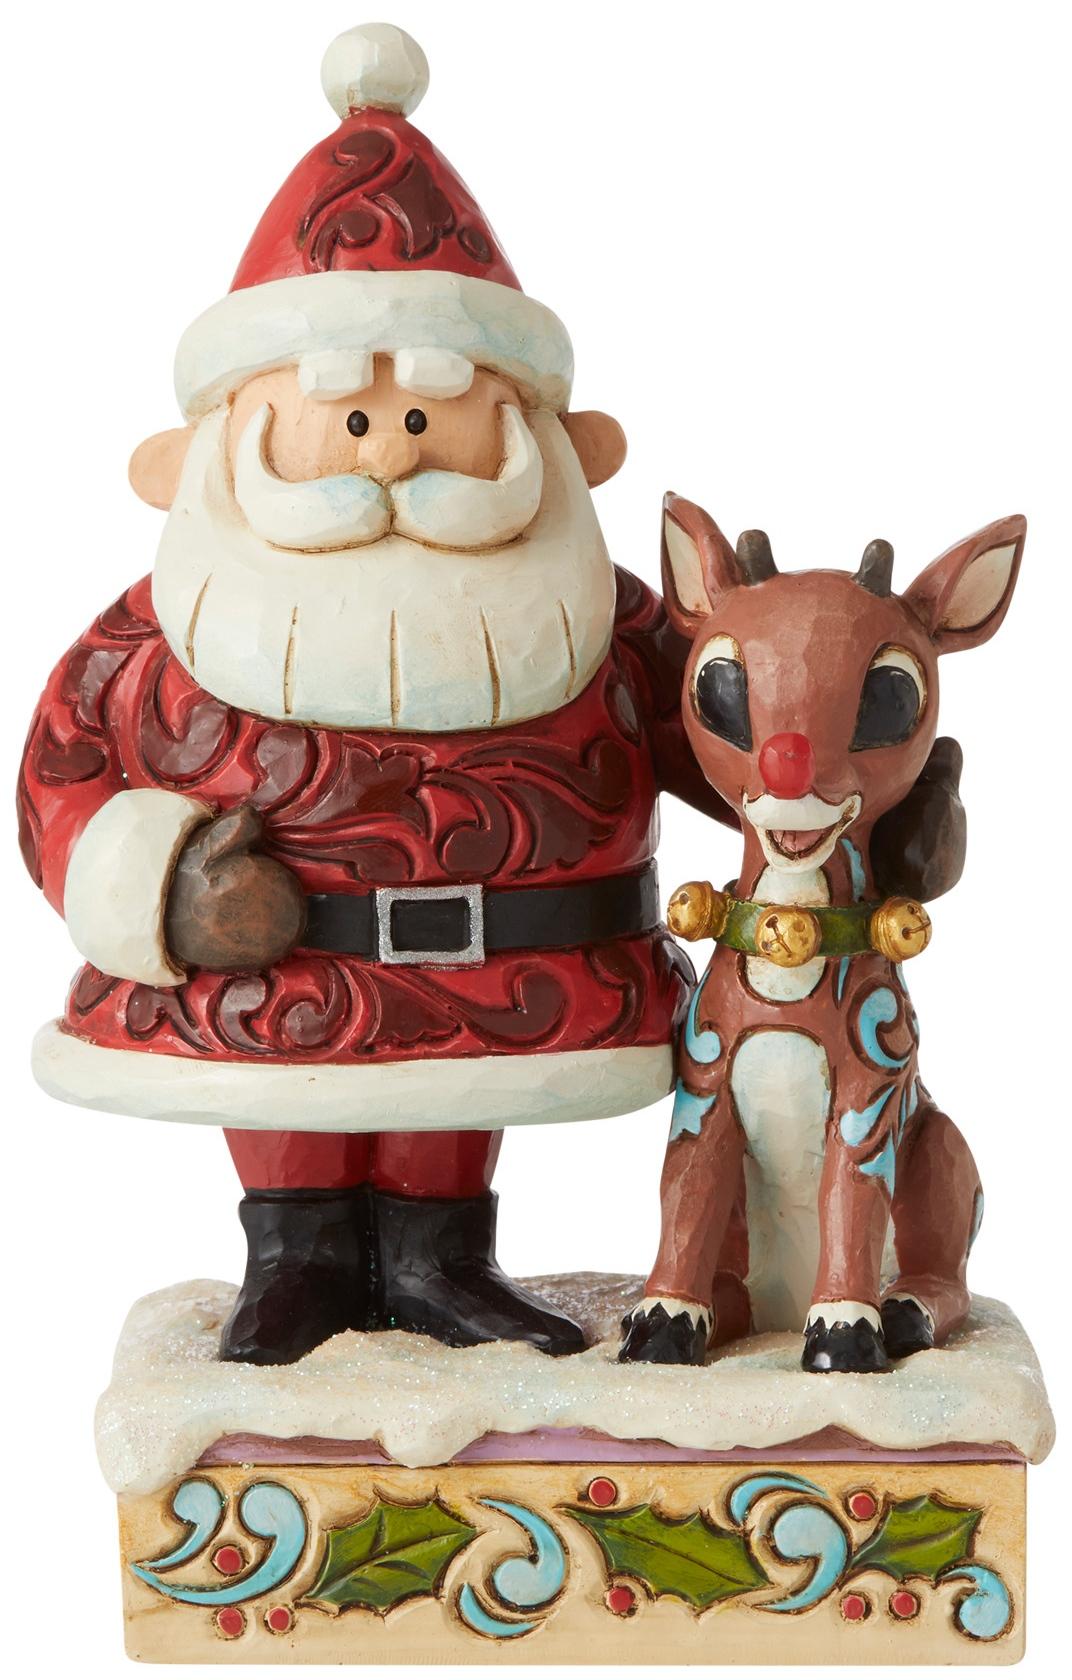 Jim Shore Rudolph Reindeer 6006788N Santa Hugging Rudolph Figurine